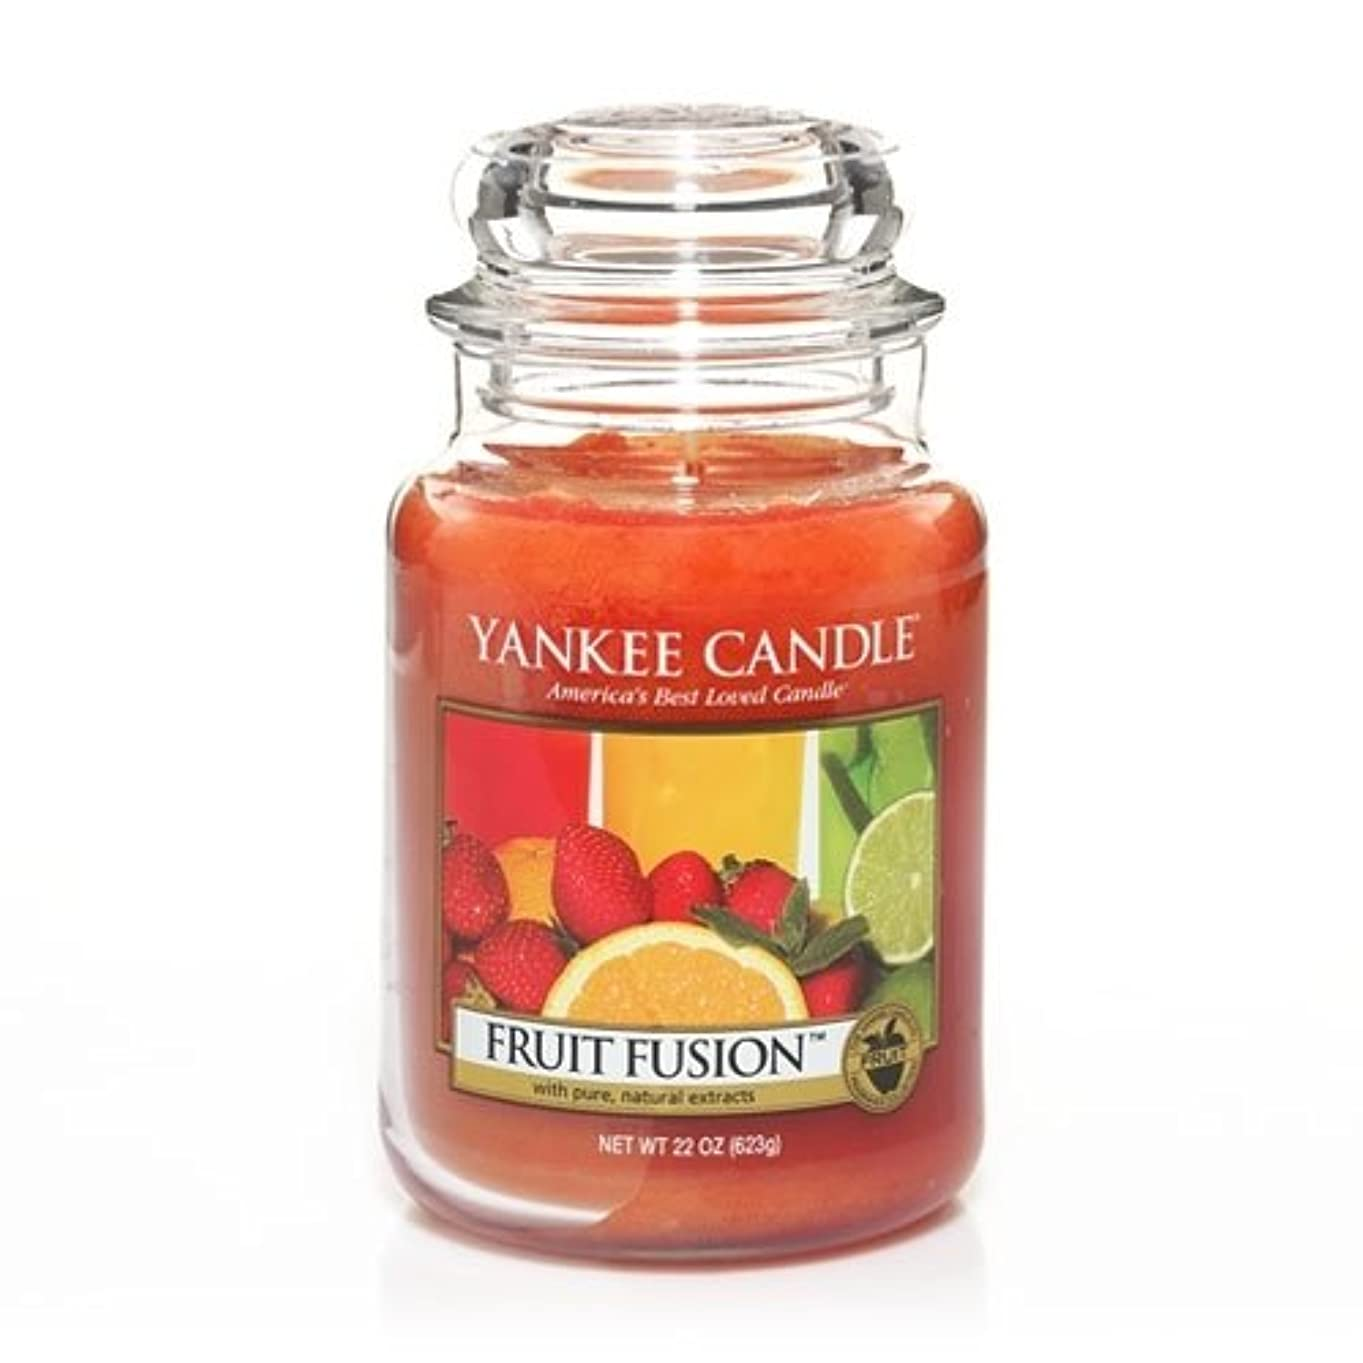 平らな端末パーティーYankee Candle Fruit Fusion、フルーツ香り Large Jar Candles オレンジ 1230712-YC